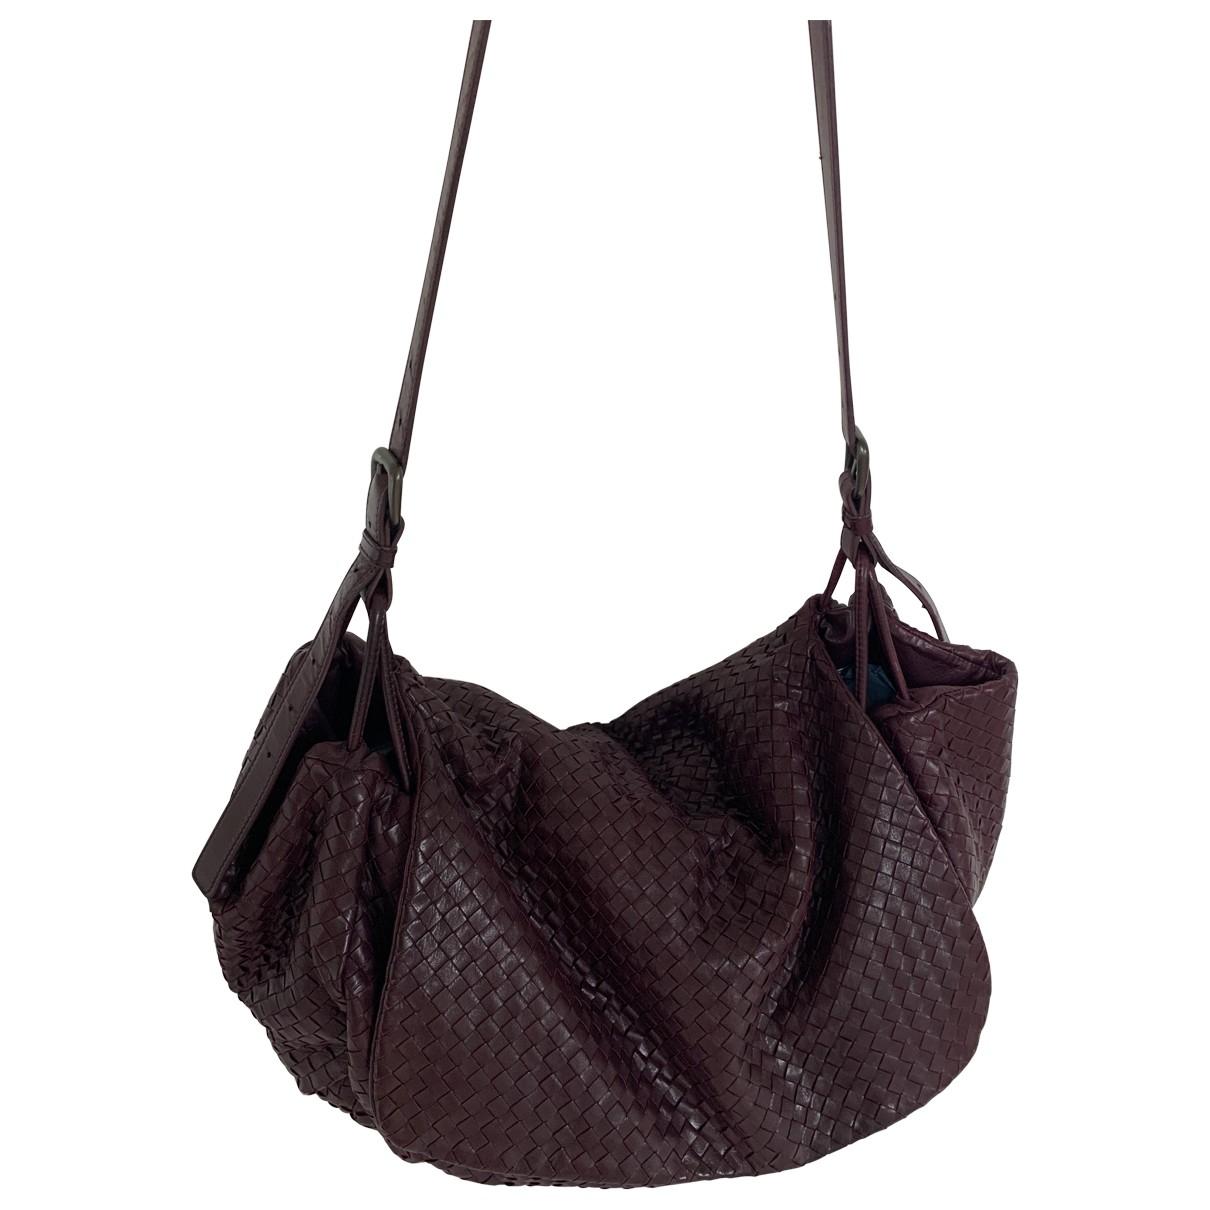 Bottega Veneta \N Burgundy Leather handbag for Women \N